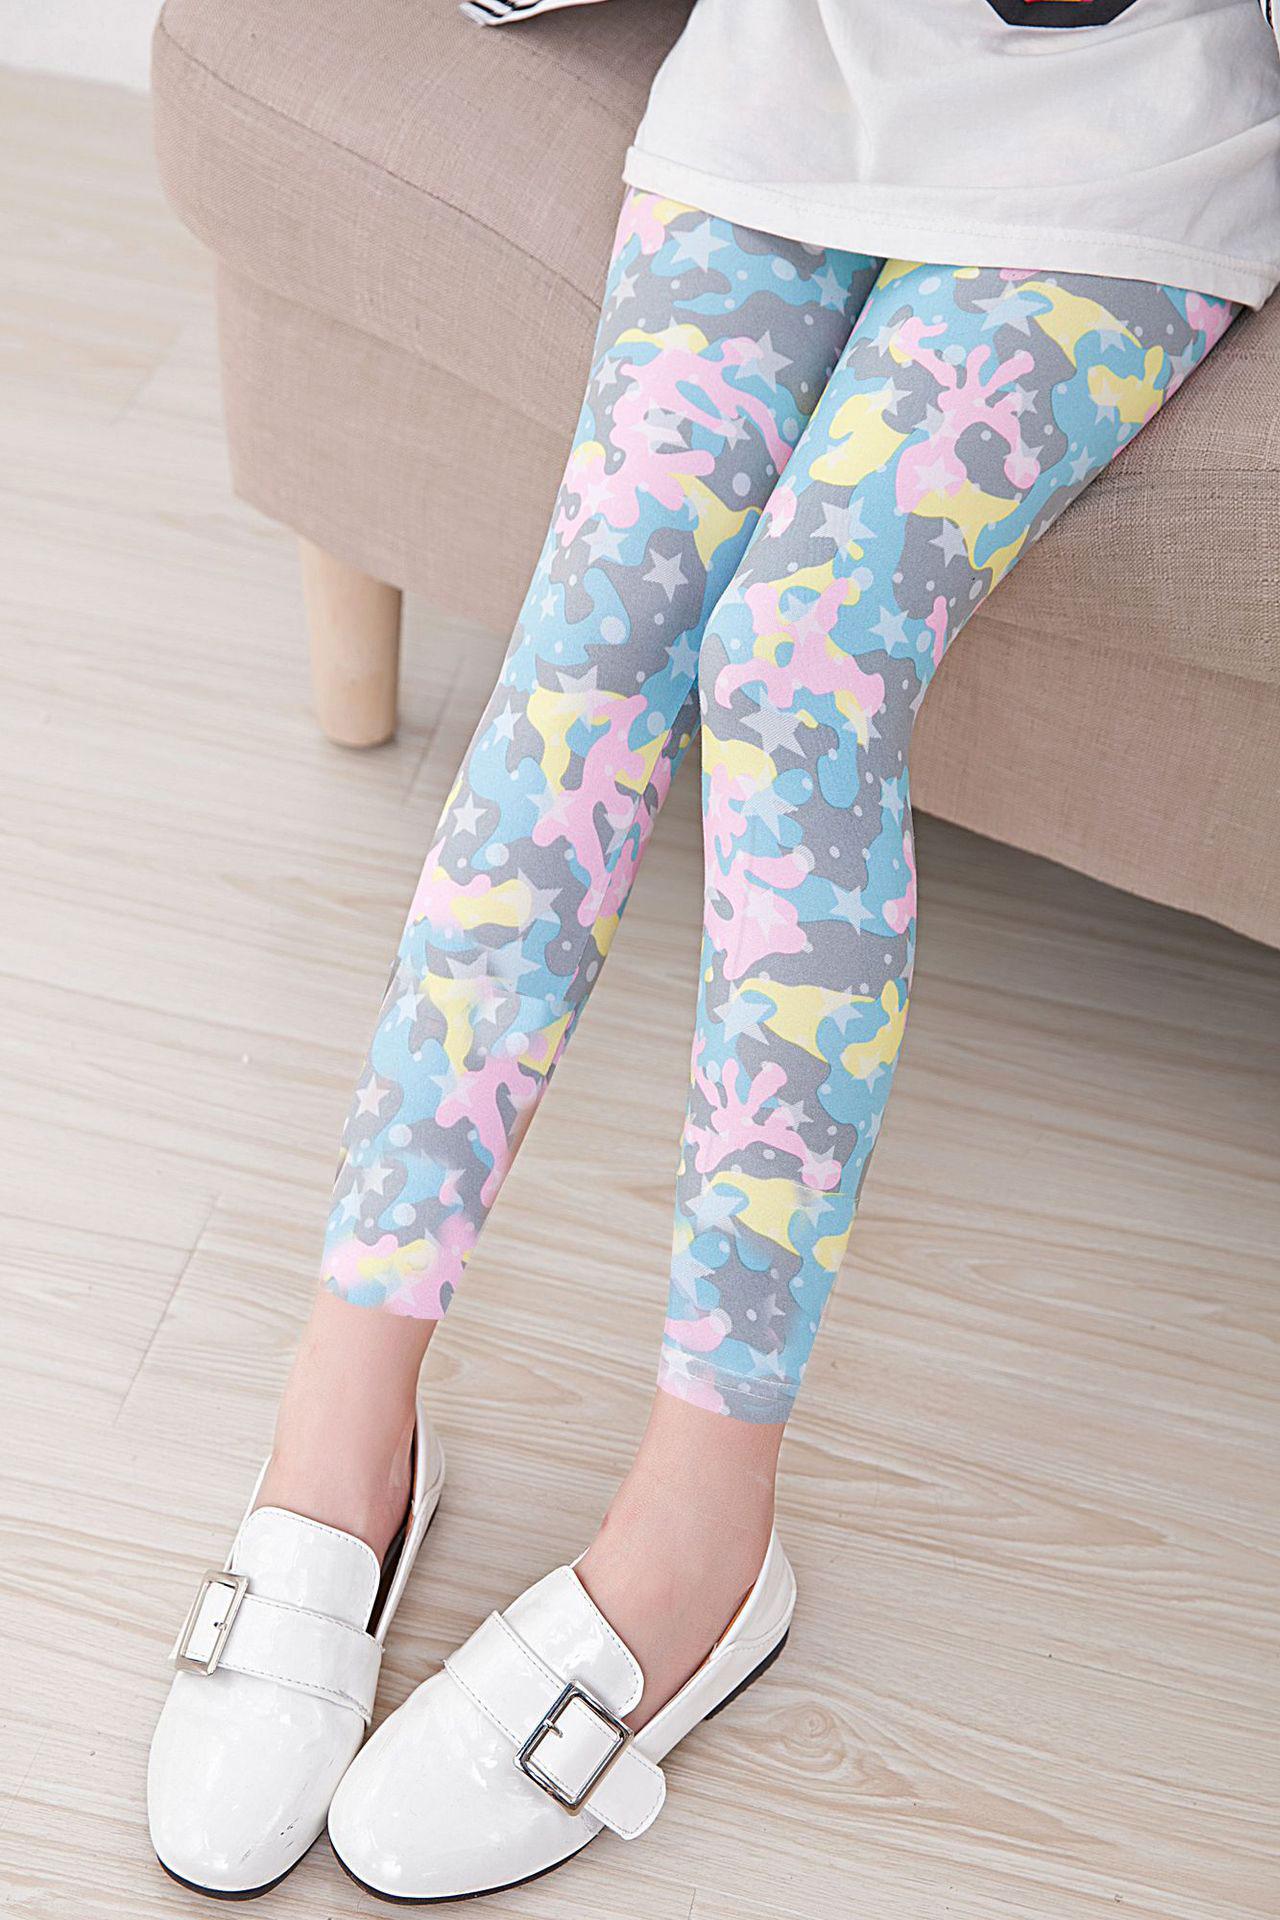 กางเกงเลคกิ้งเด็กหญิง ลายดาวหวานๆ ผ้าเบา นิ่มเด้ง ใส่สบาย (มีขนาดเด็กสูง 80-140 ซม.)